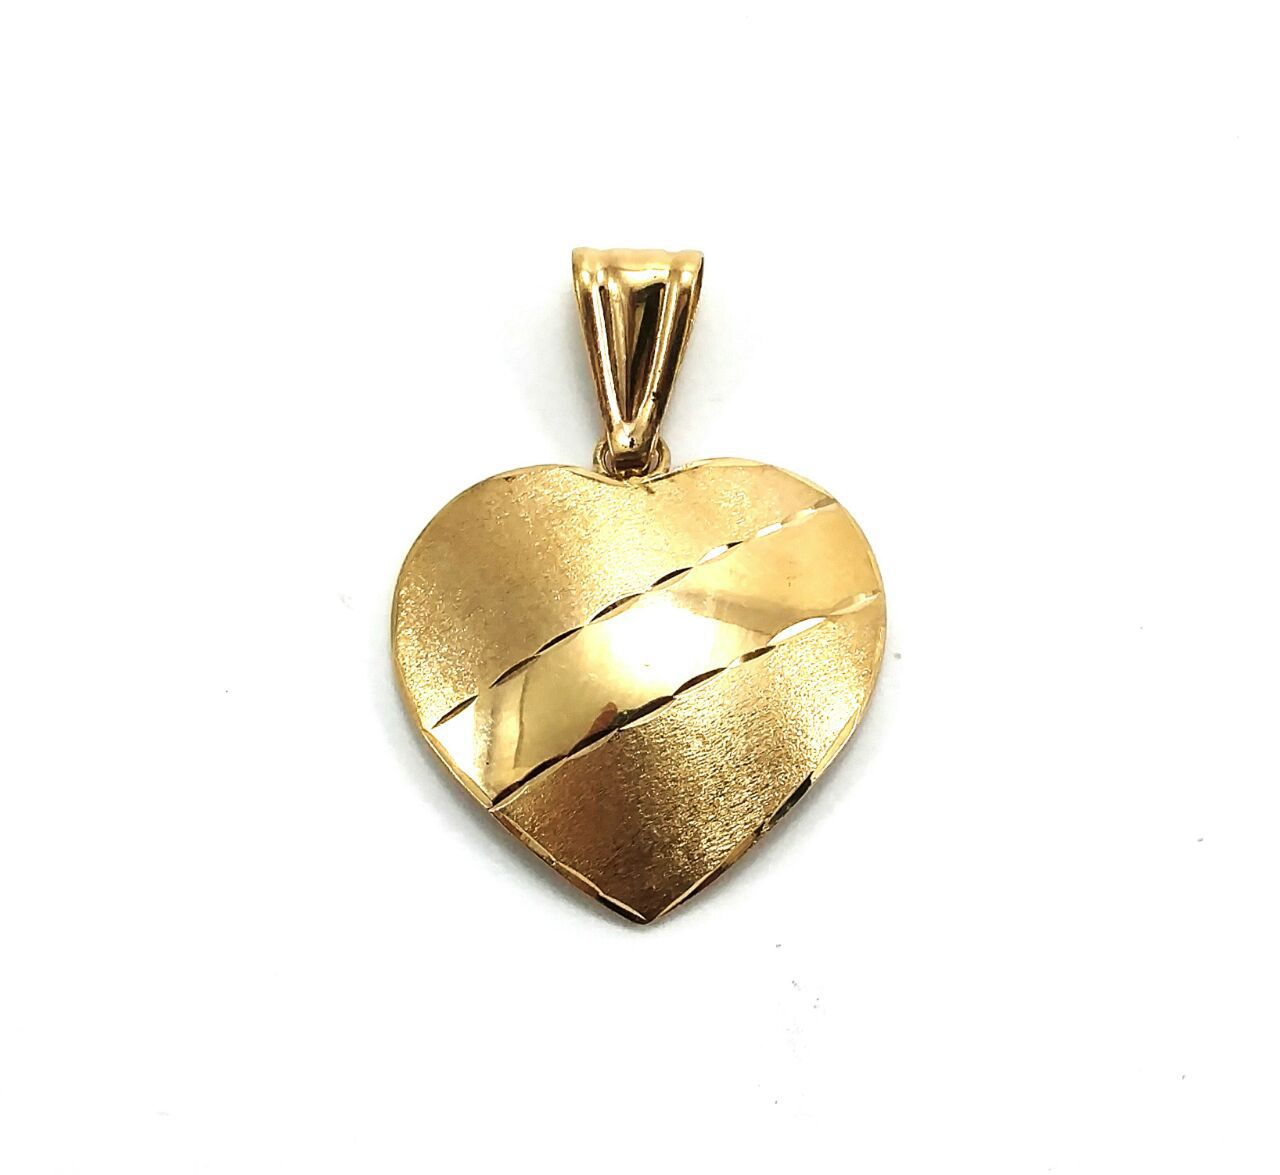 Pingente em ouro 18k coração com faixa